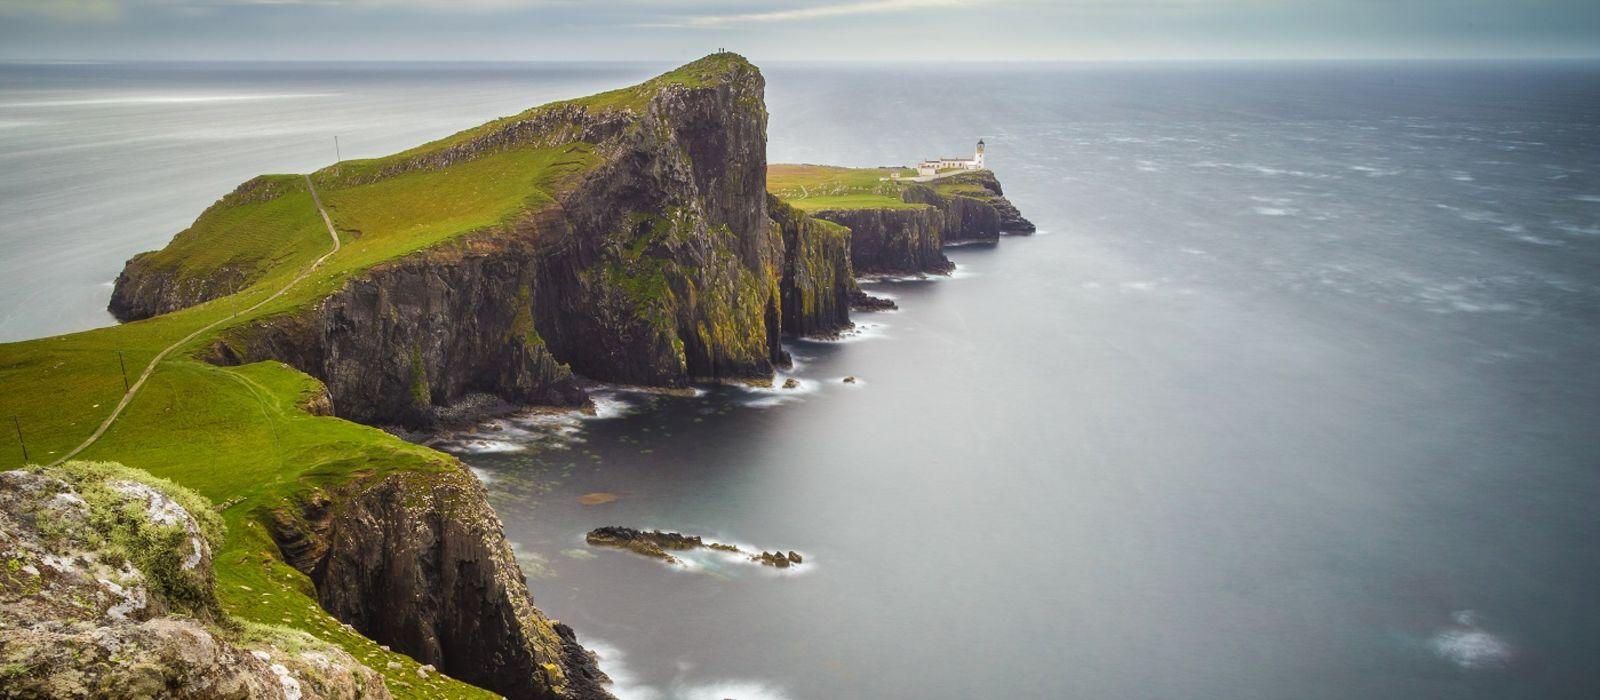 Enchanting Travels UK & Ireland Tours Neist point lighthouse on a cloudy day, Isle of Skye, Scotland, UK